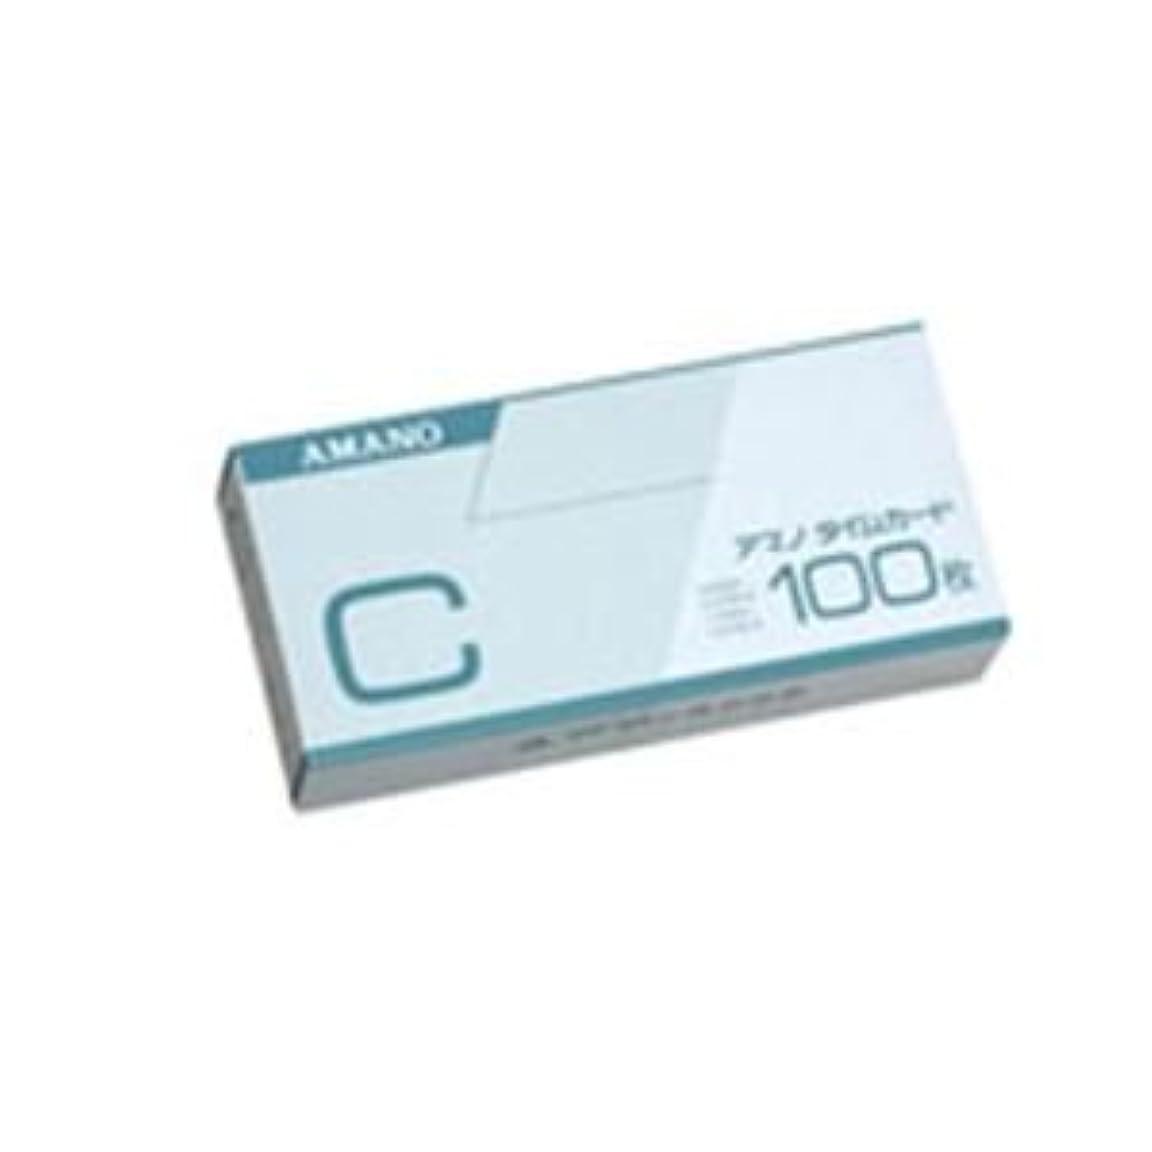 無視する頼る続編(業務用5セット) アマノ 標準タイムカードC 100枚入 5箱 (×5セット)